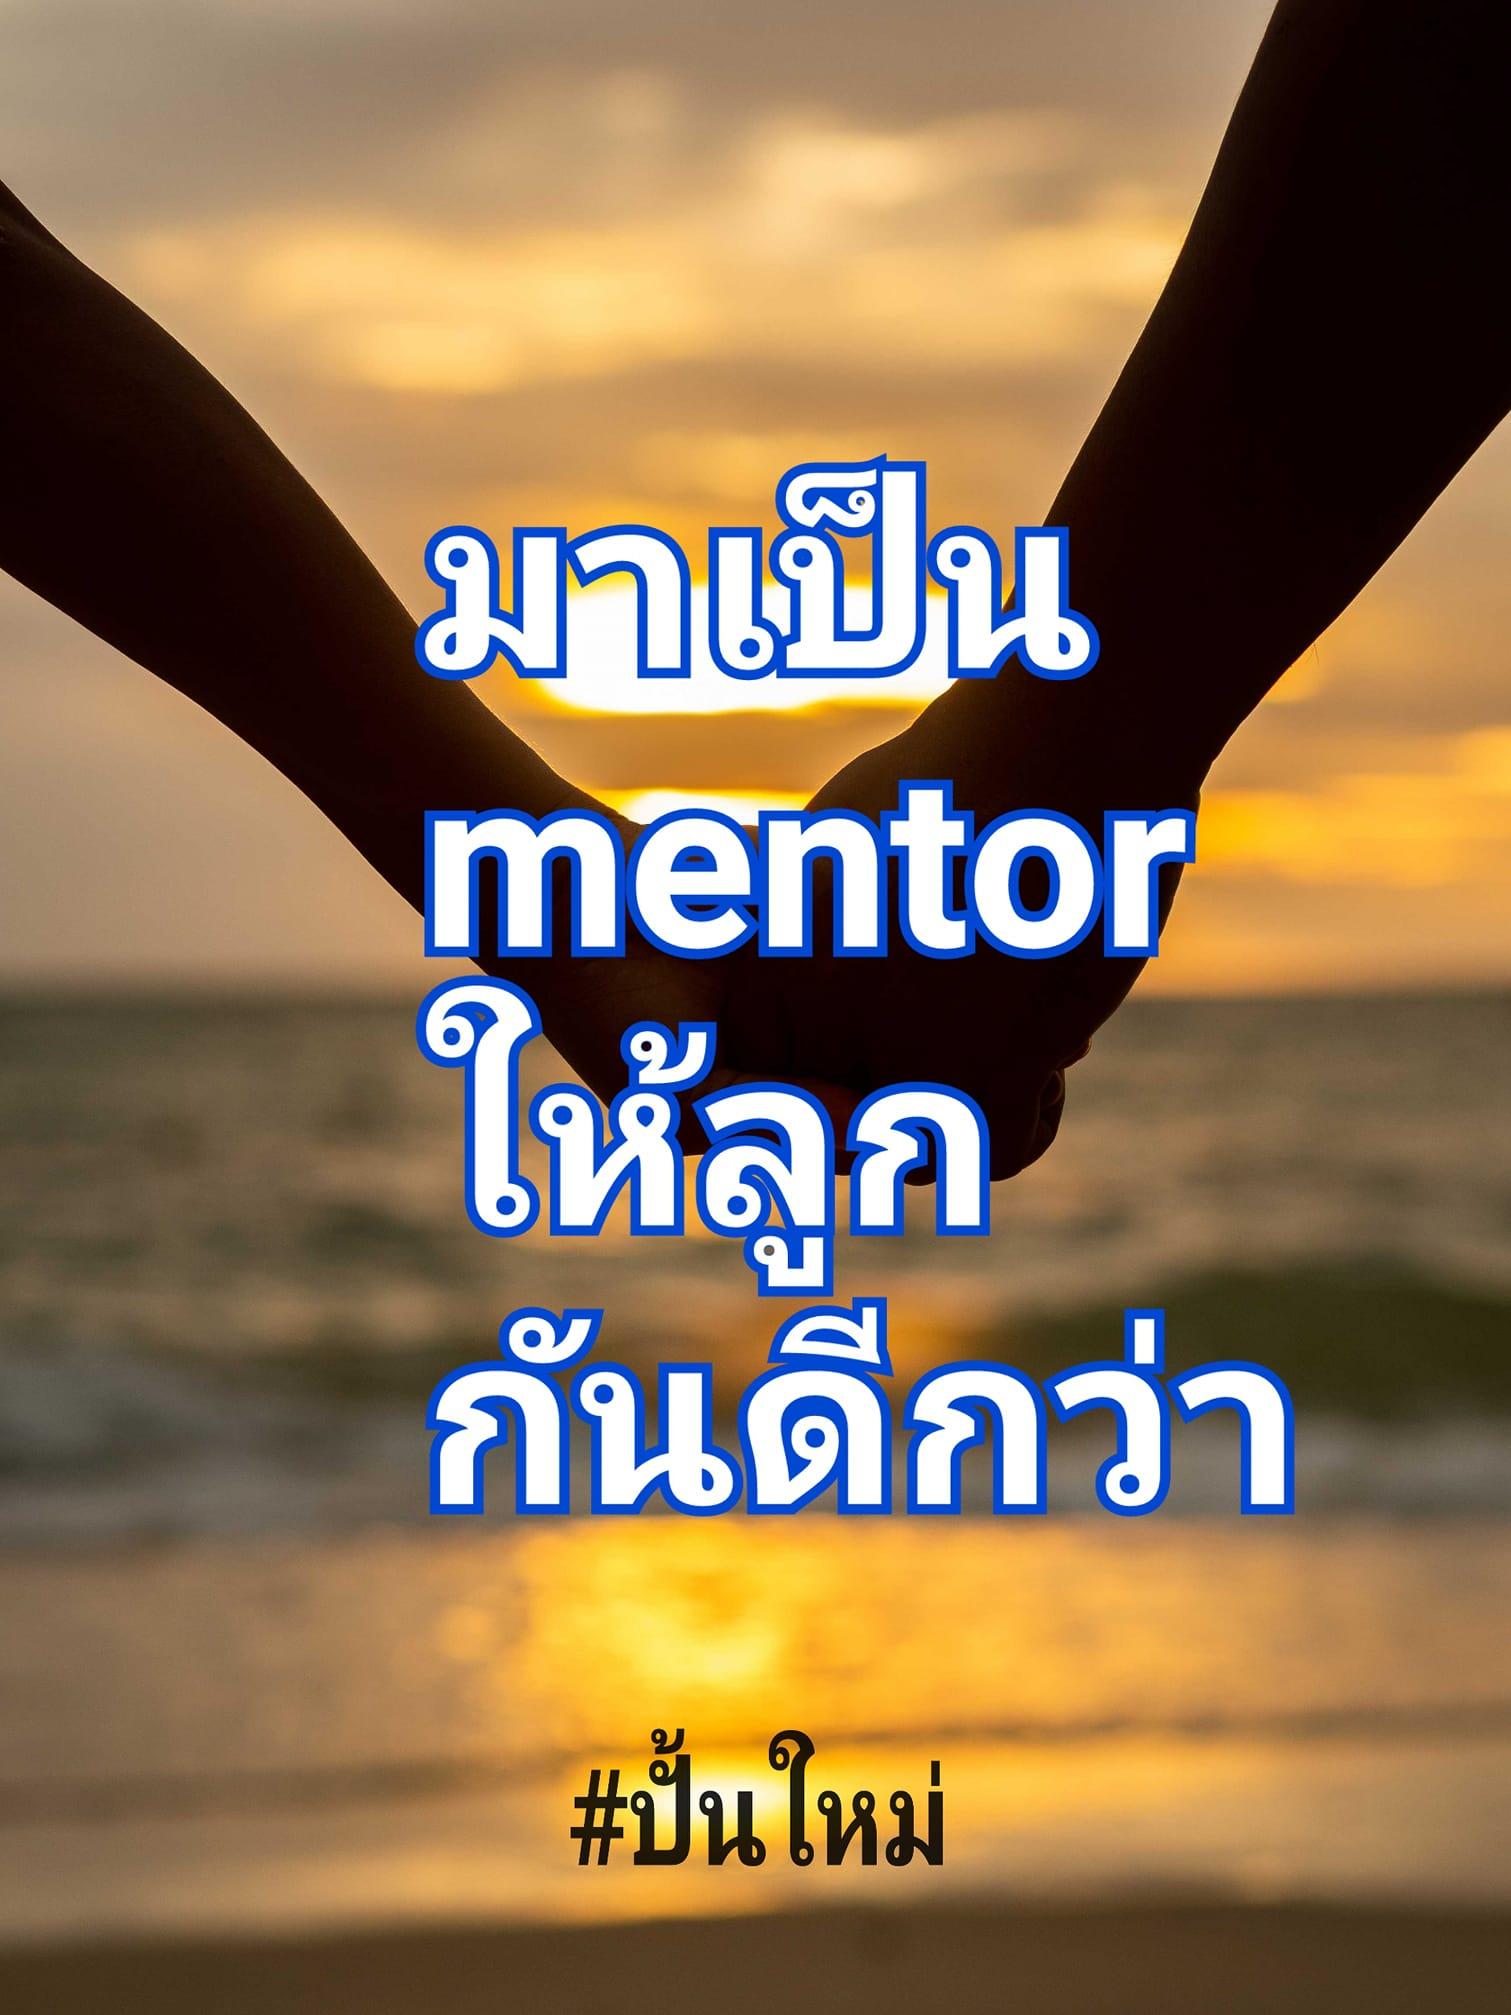 พี่เลี้ยง-mentor